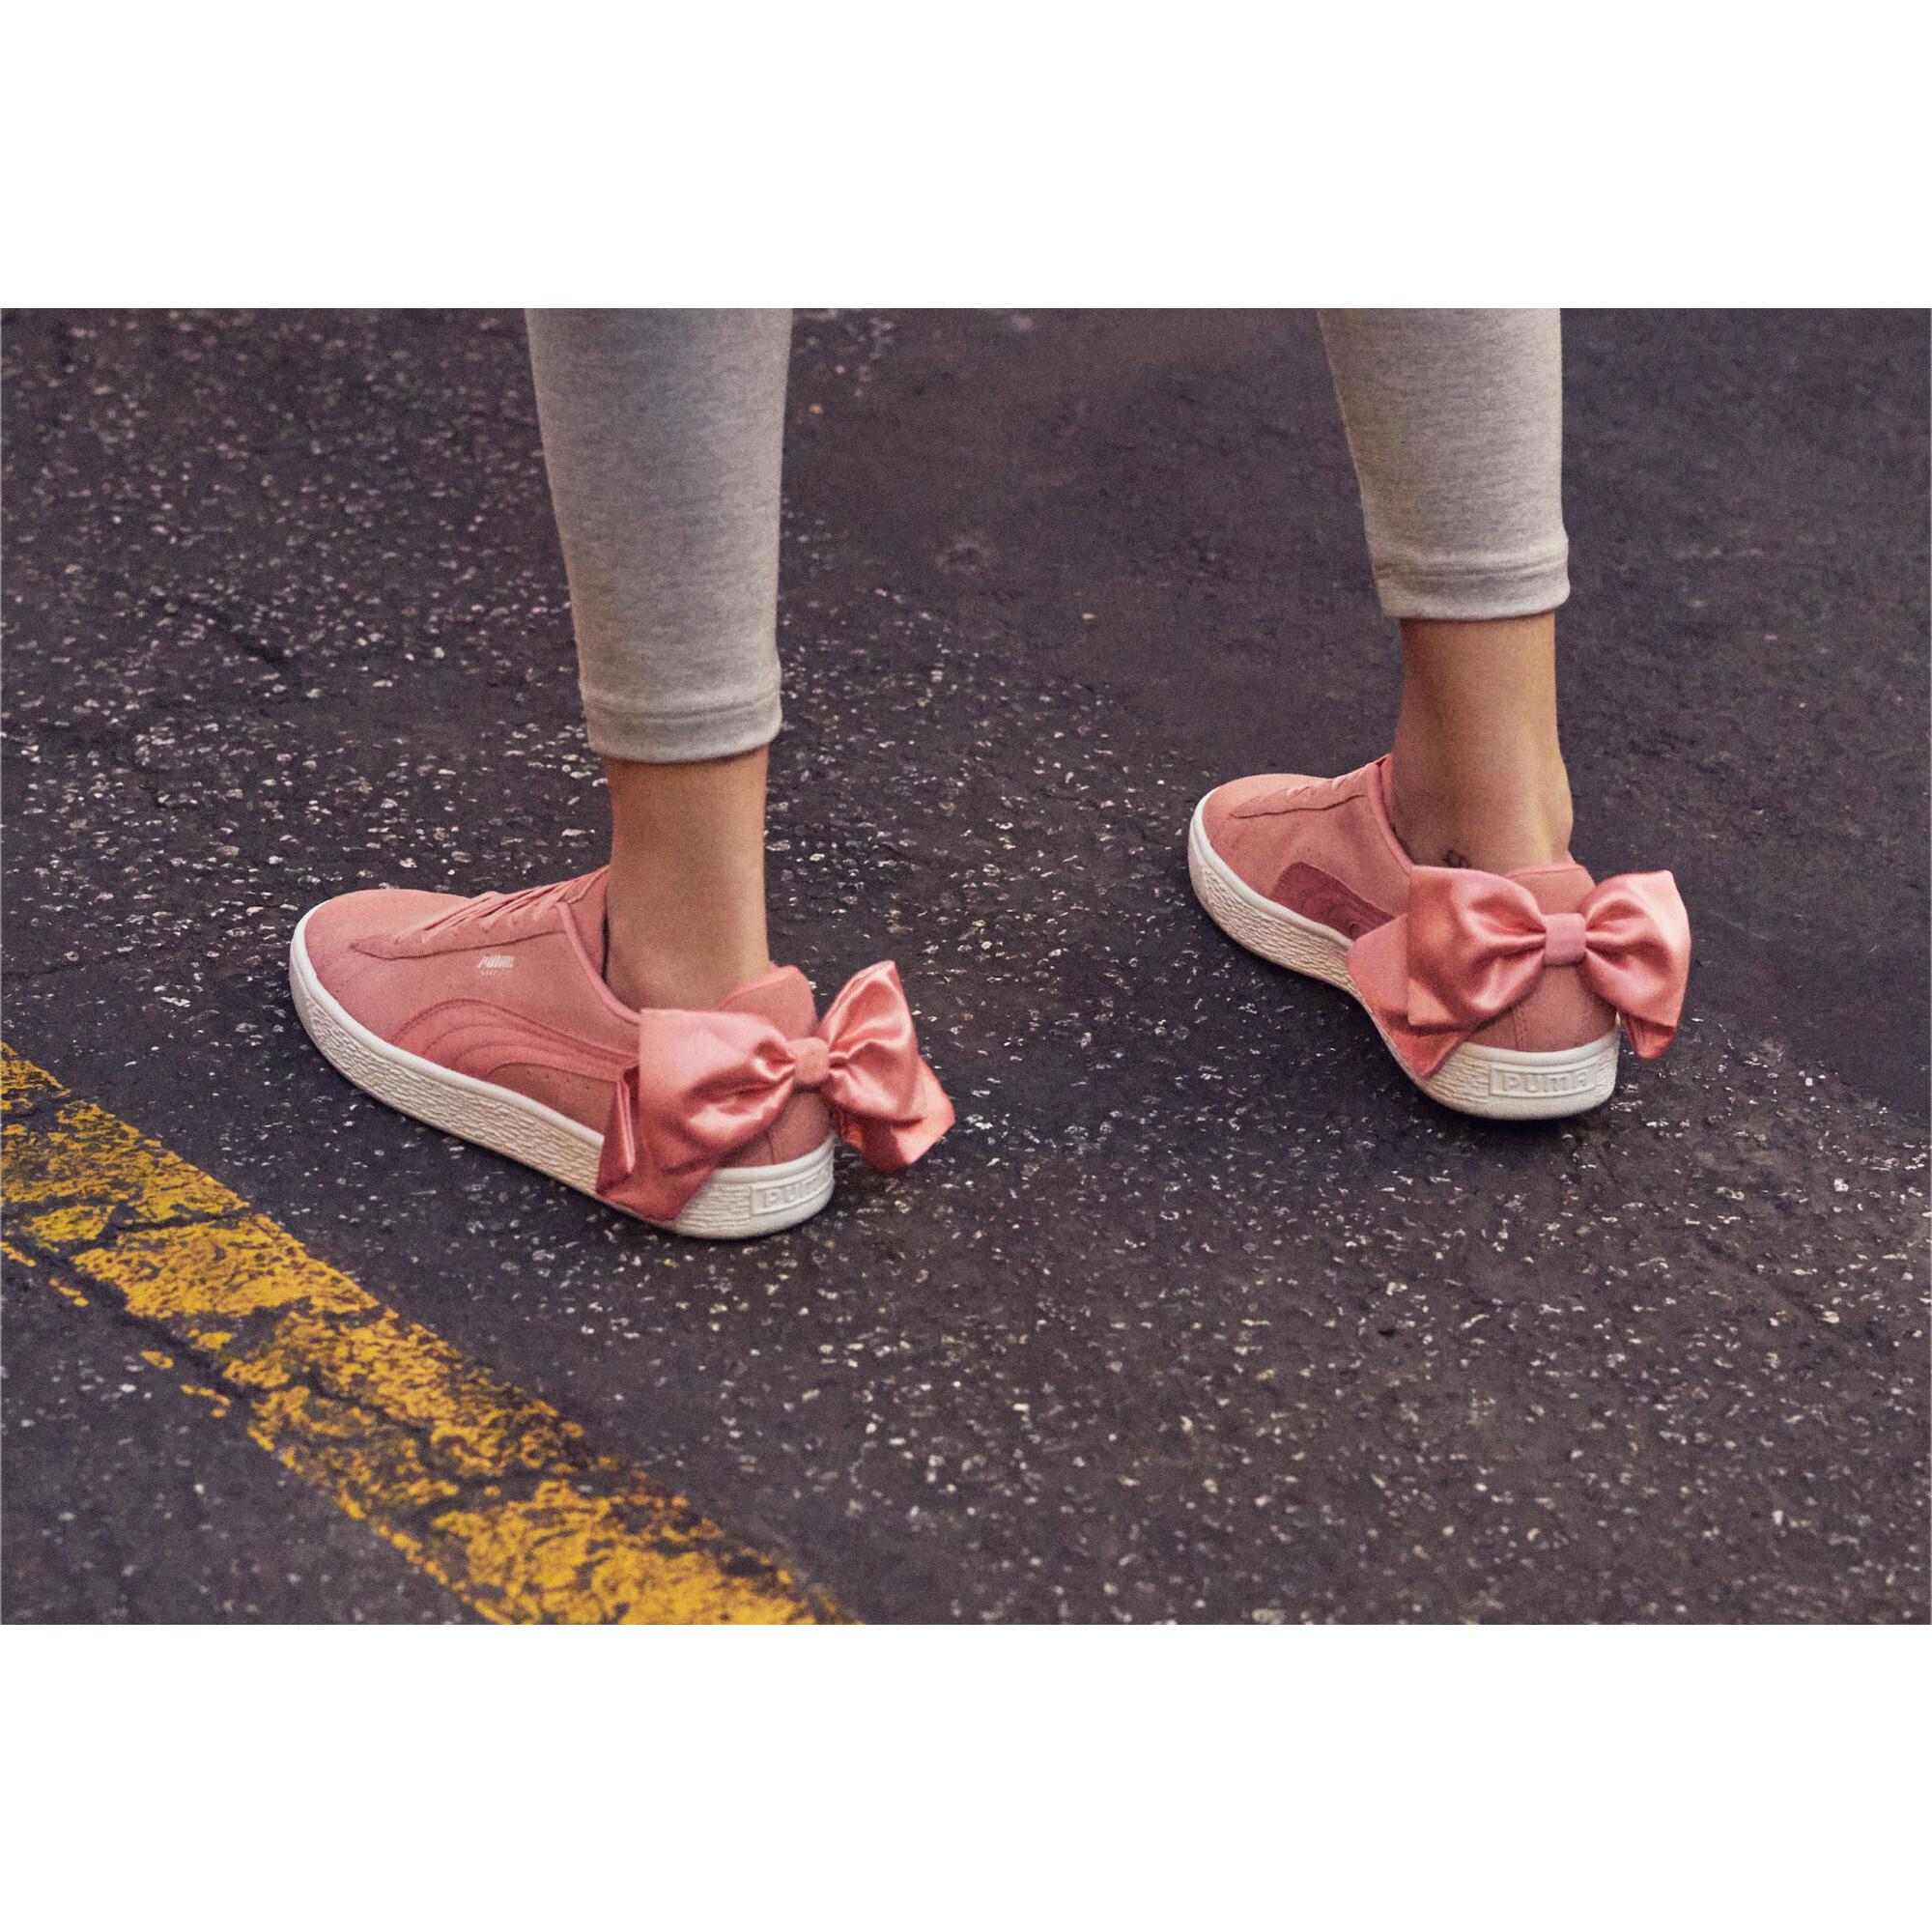 Indexbild 6 - PUMA Suede Bow Damen Frauen Schuhe Sport Classics Neu